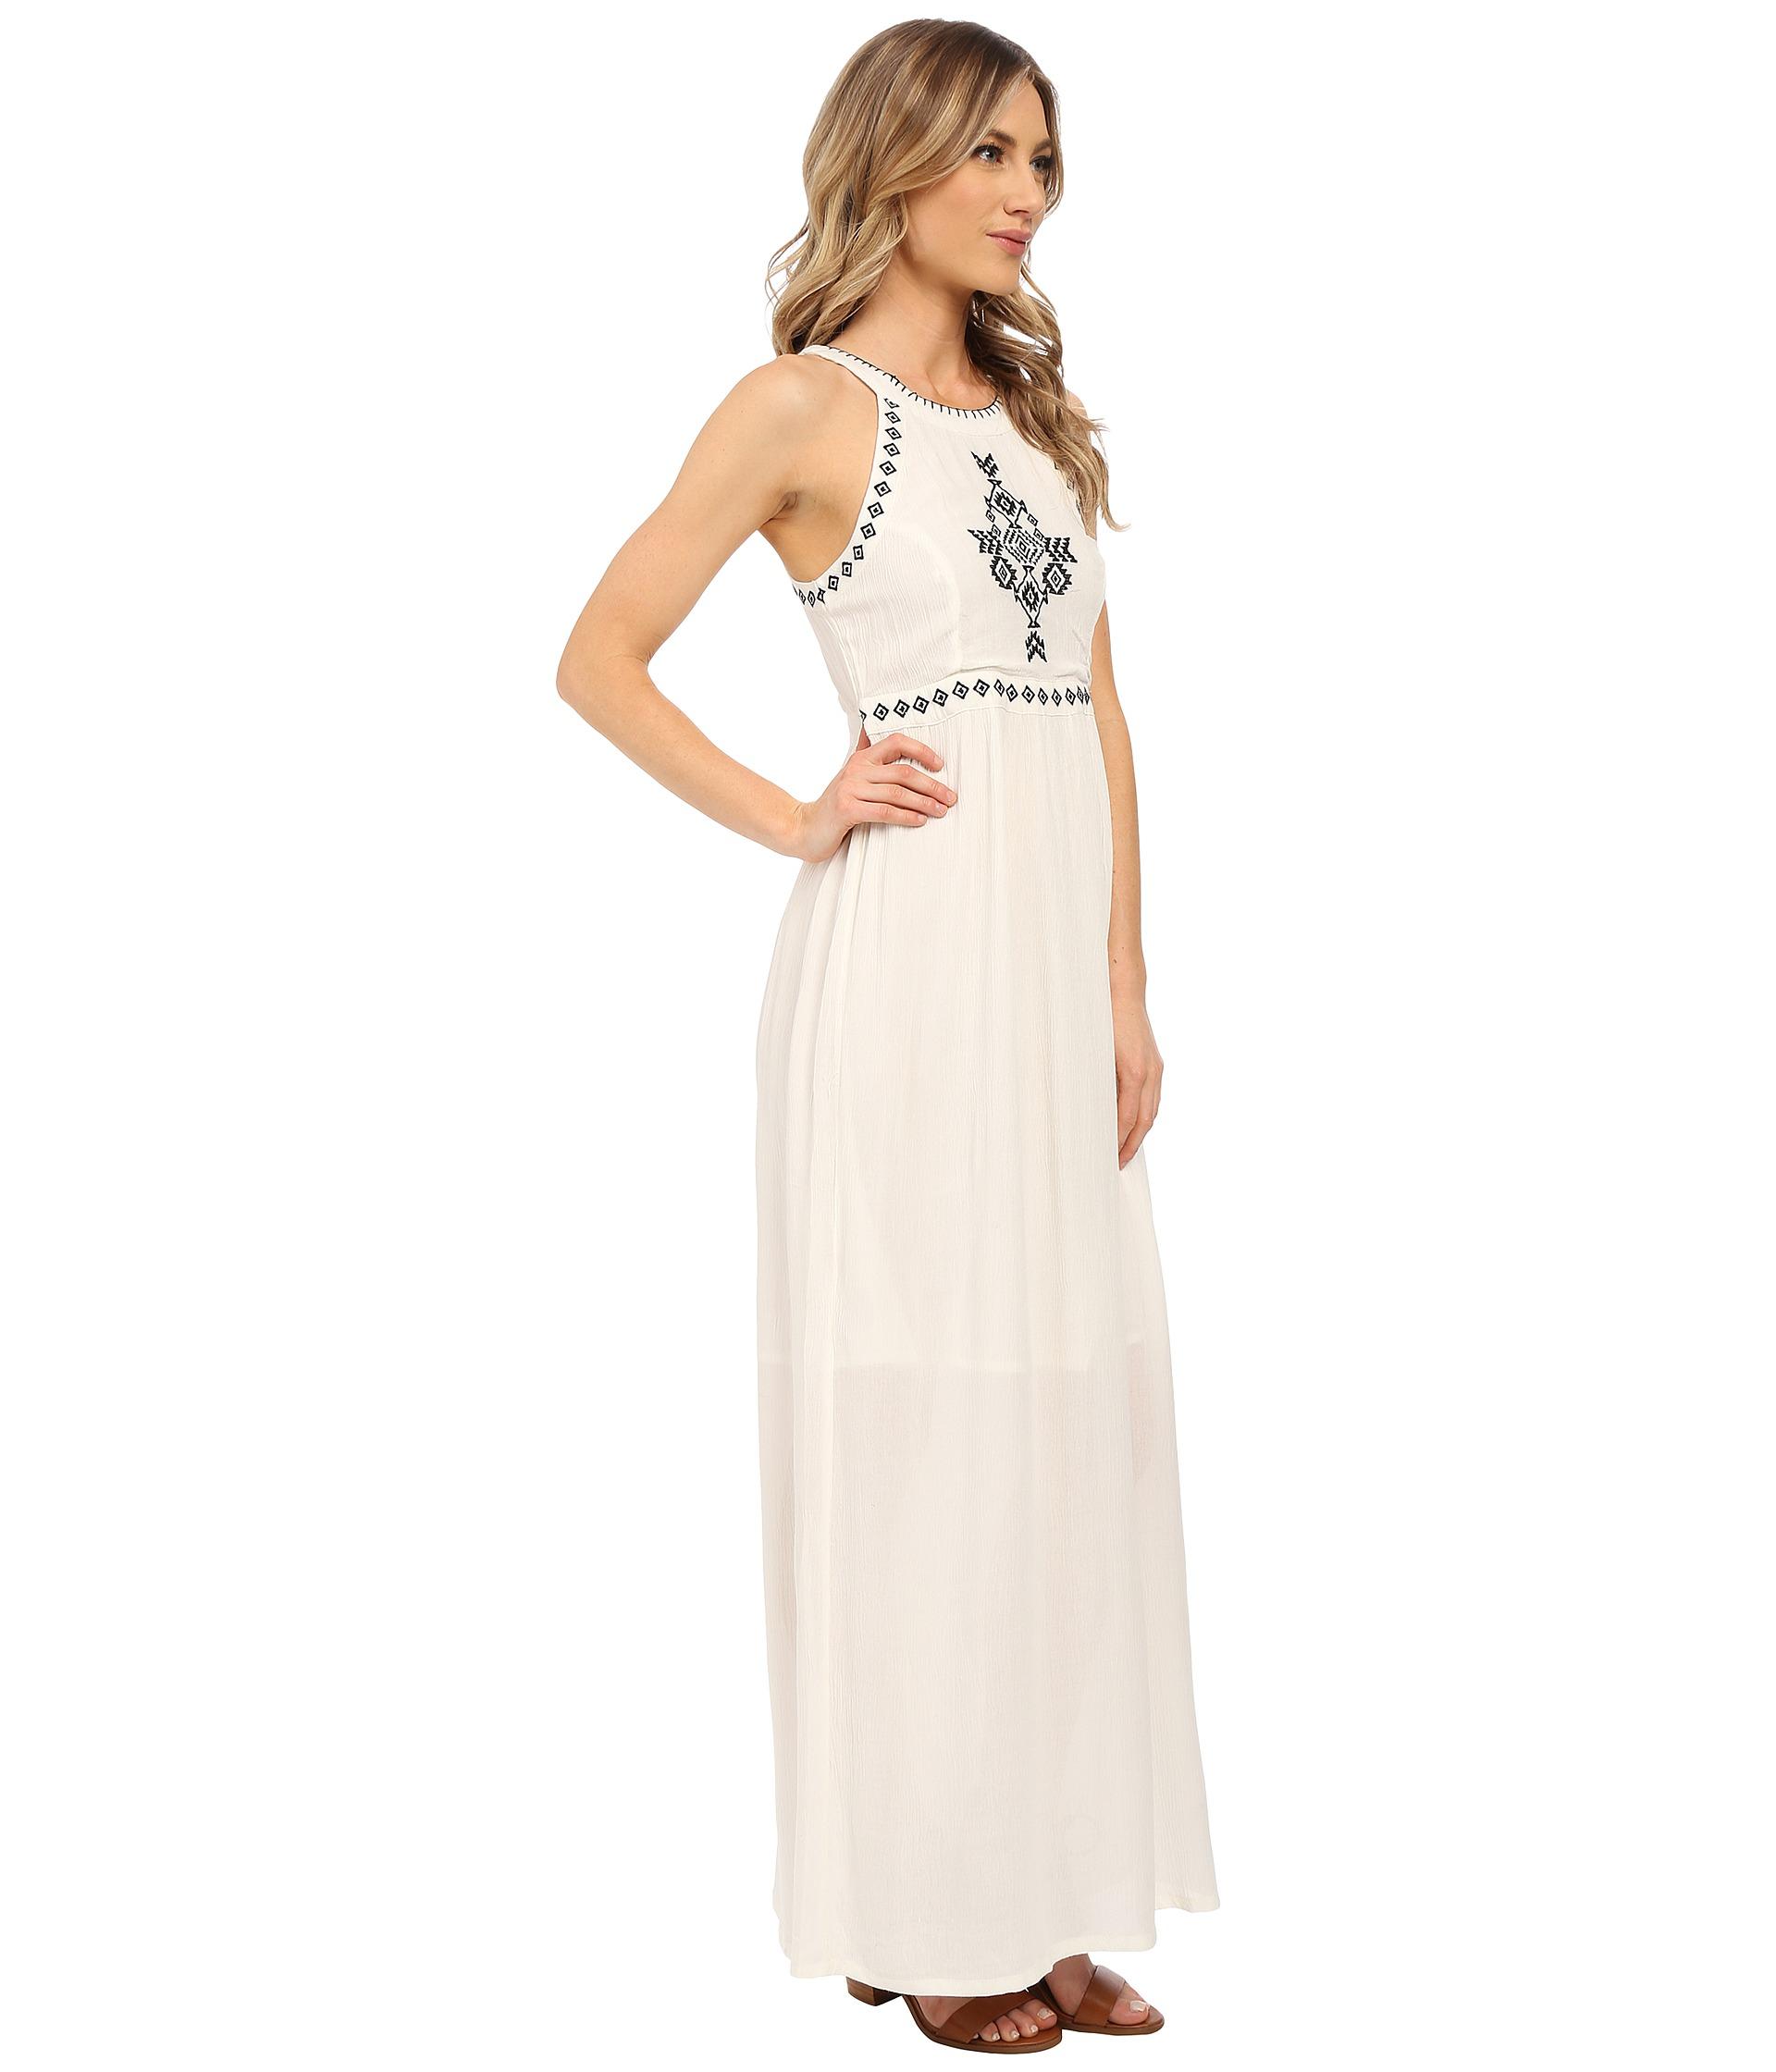 Rip curl Lolita Maxi Dress in White | Lyst